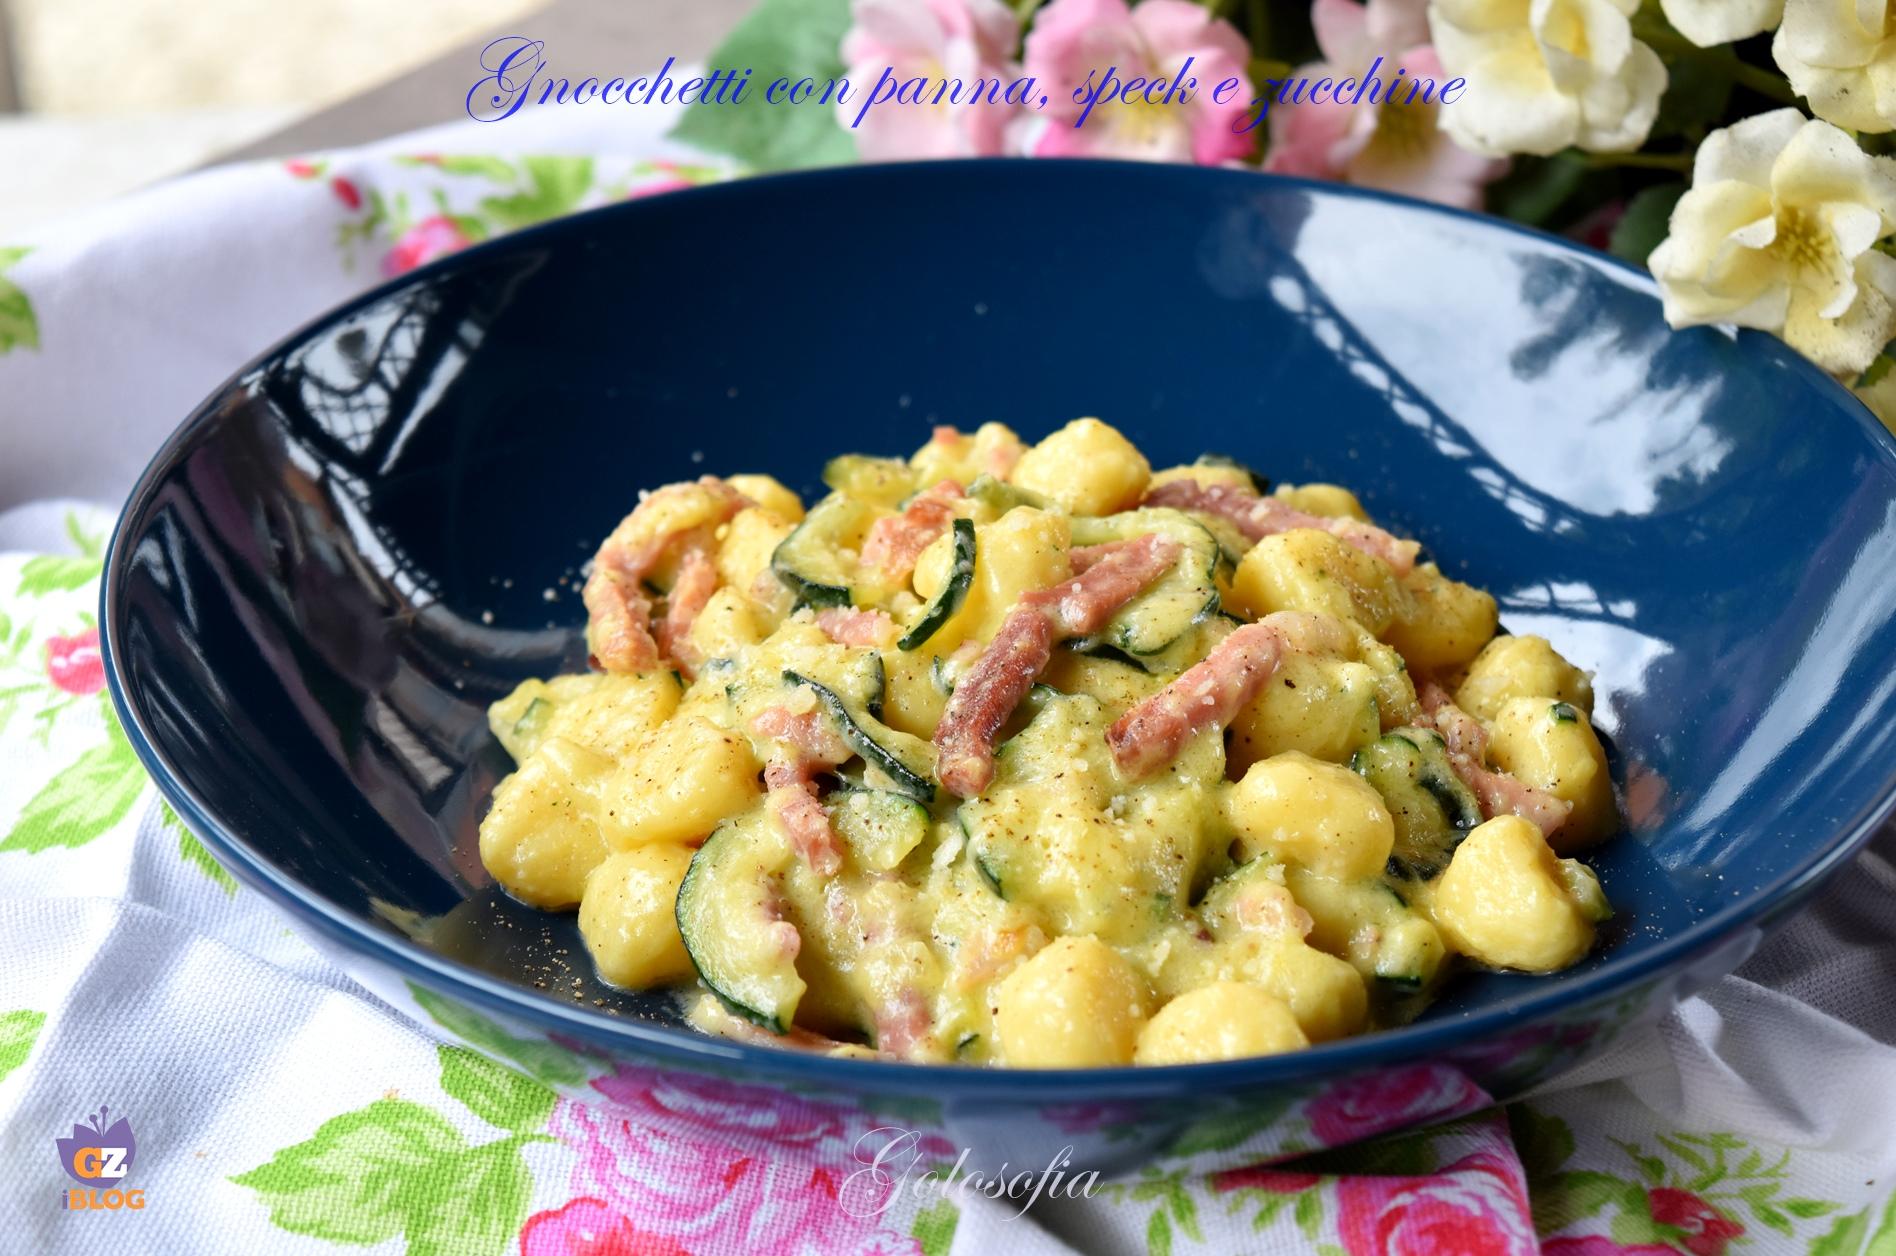 Gnocchetti con panna, speck e zucchine-ricetta primi-golosofia